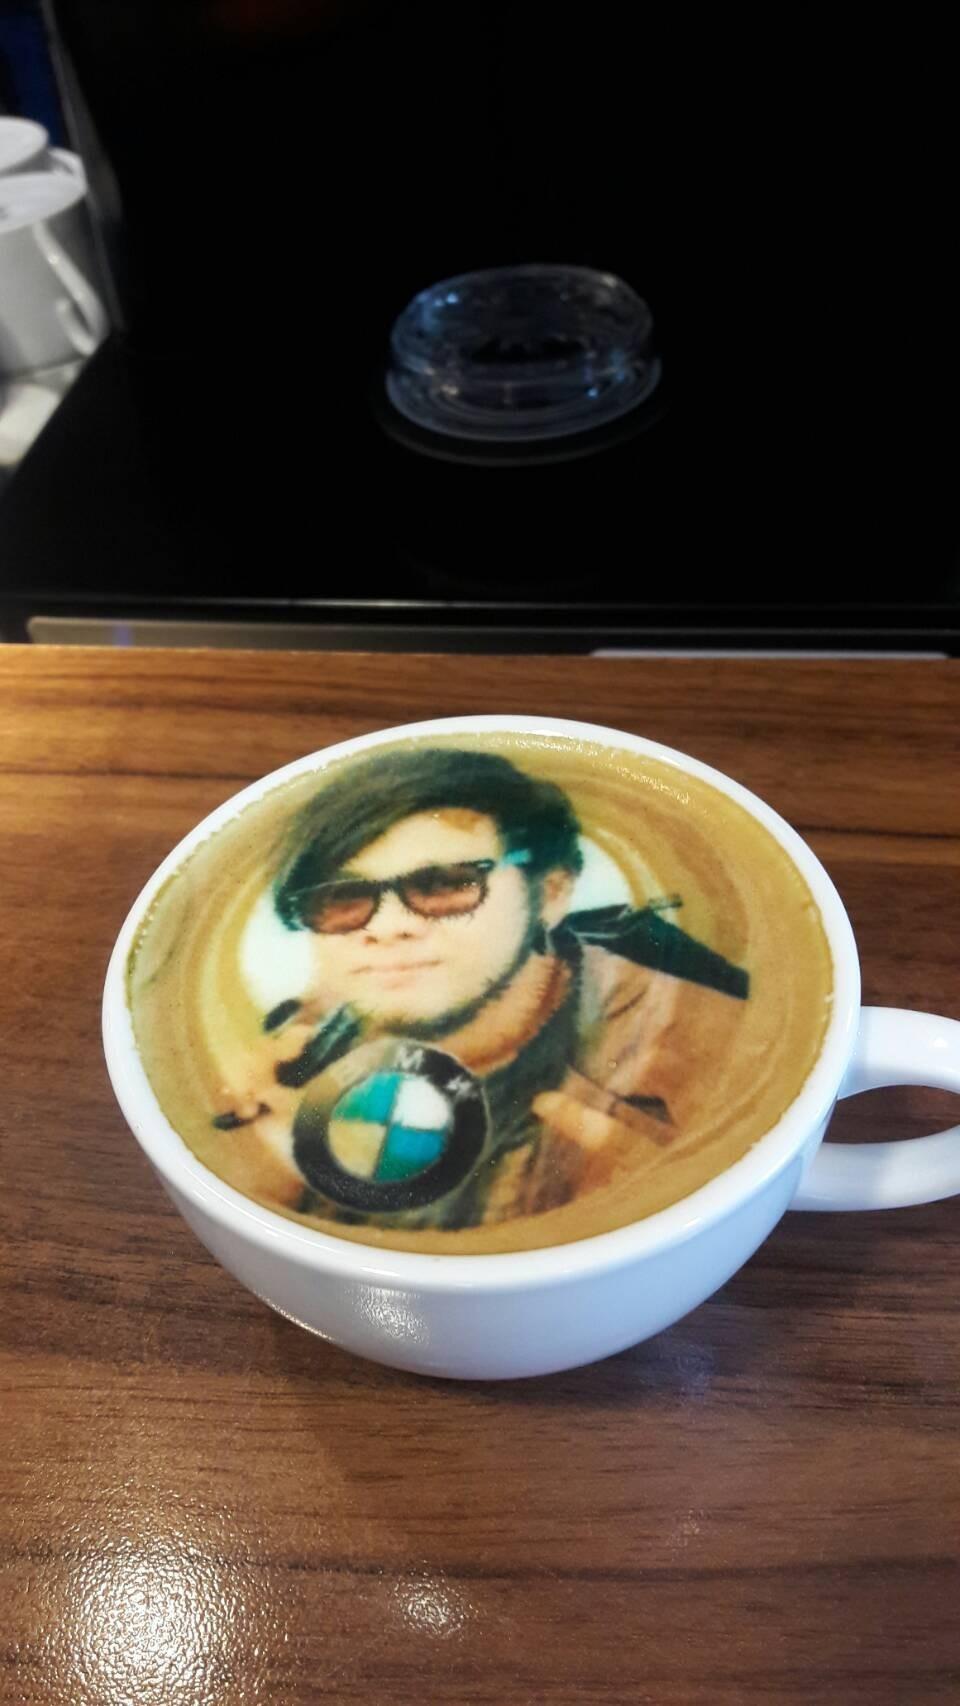 พิมพ์ภาพบนฟองนมโดย Coffee Printer